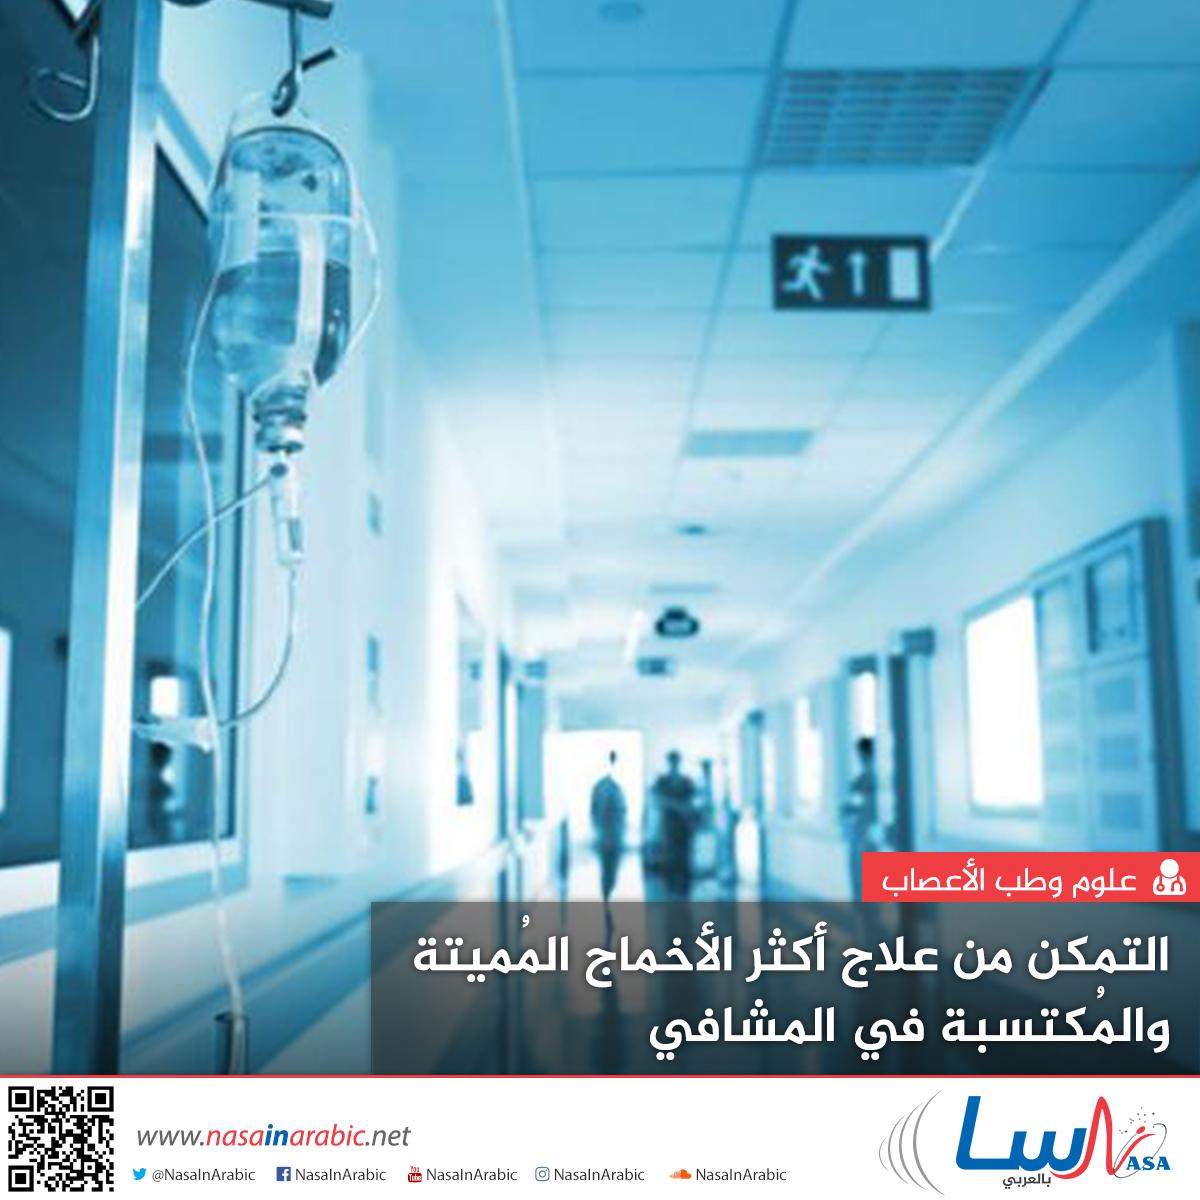 التمكن من علاج أكثر الأخماج المُميتة والمُكتسبة في المشافي